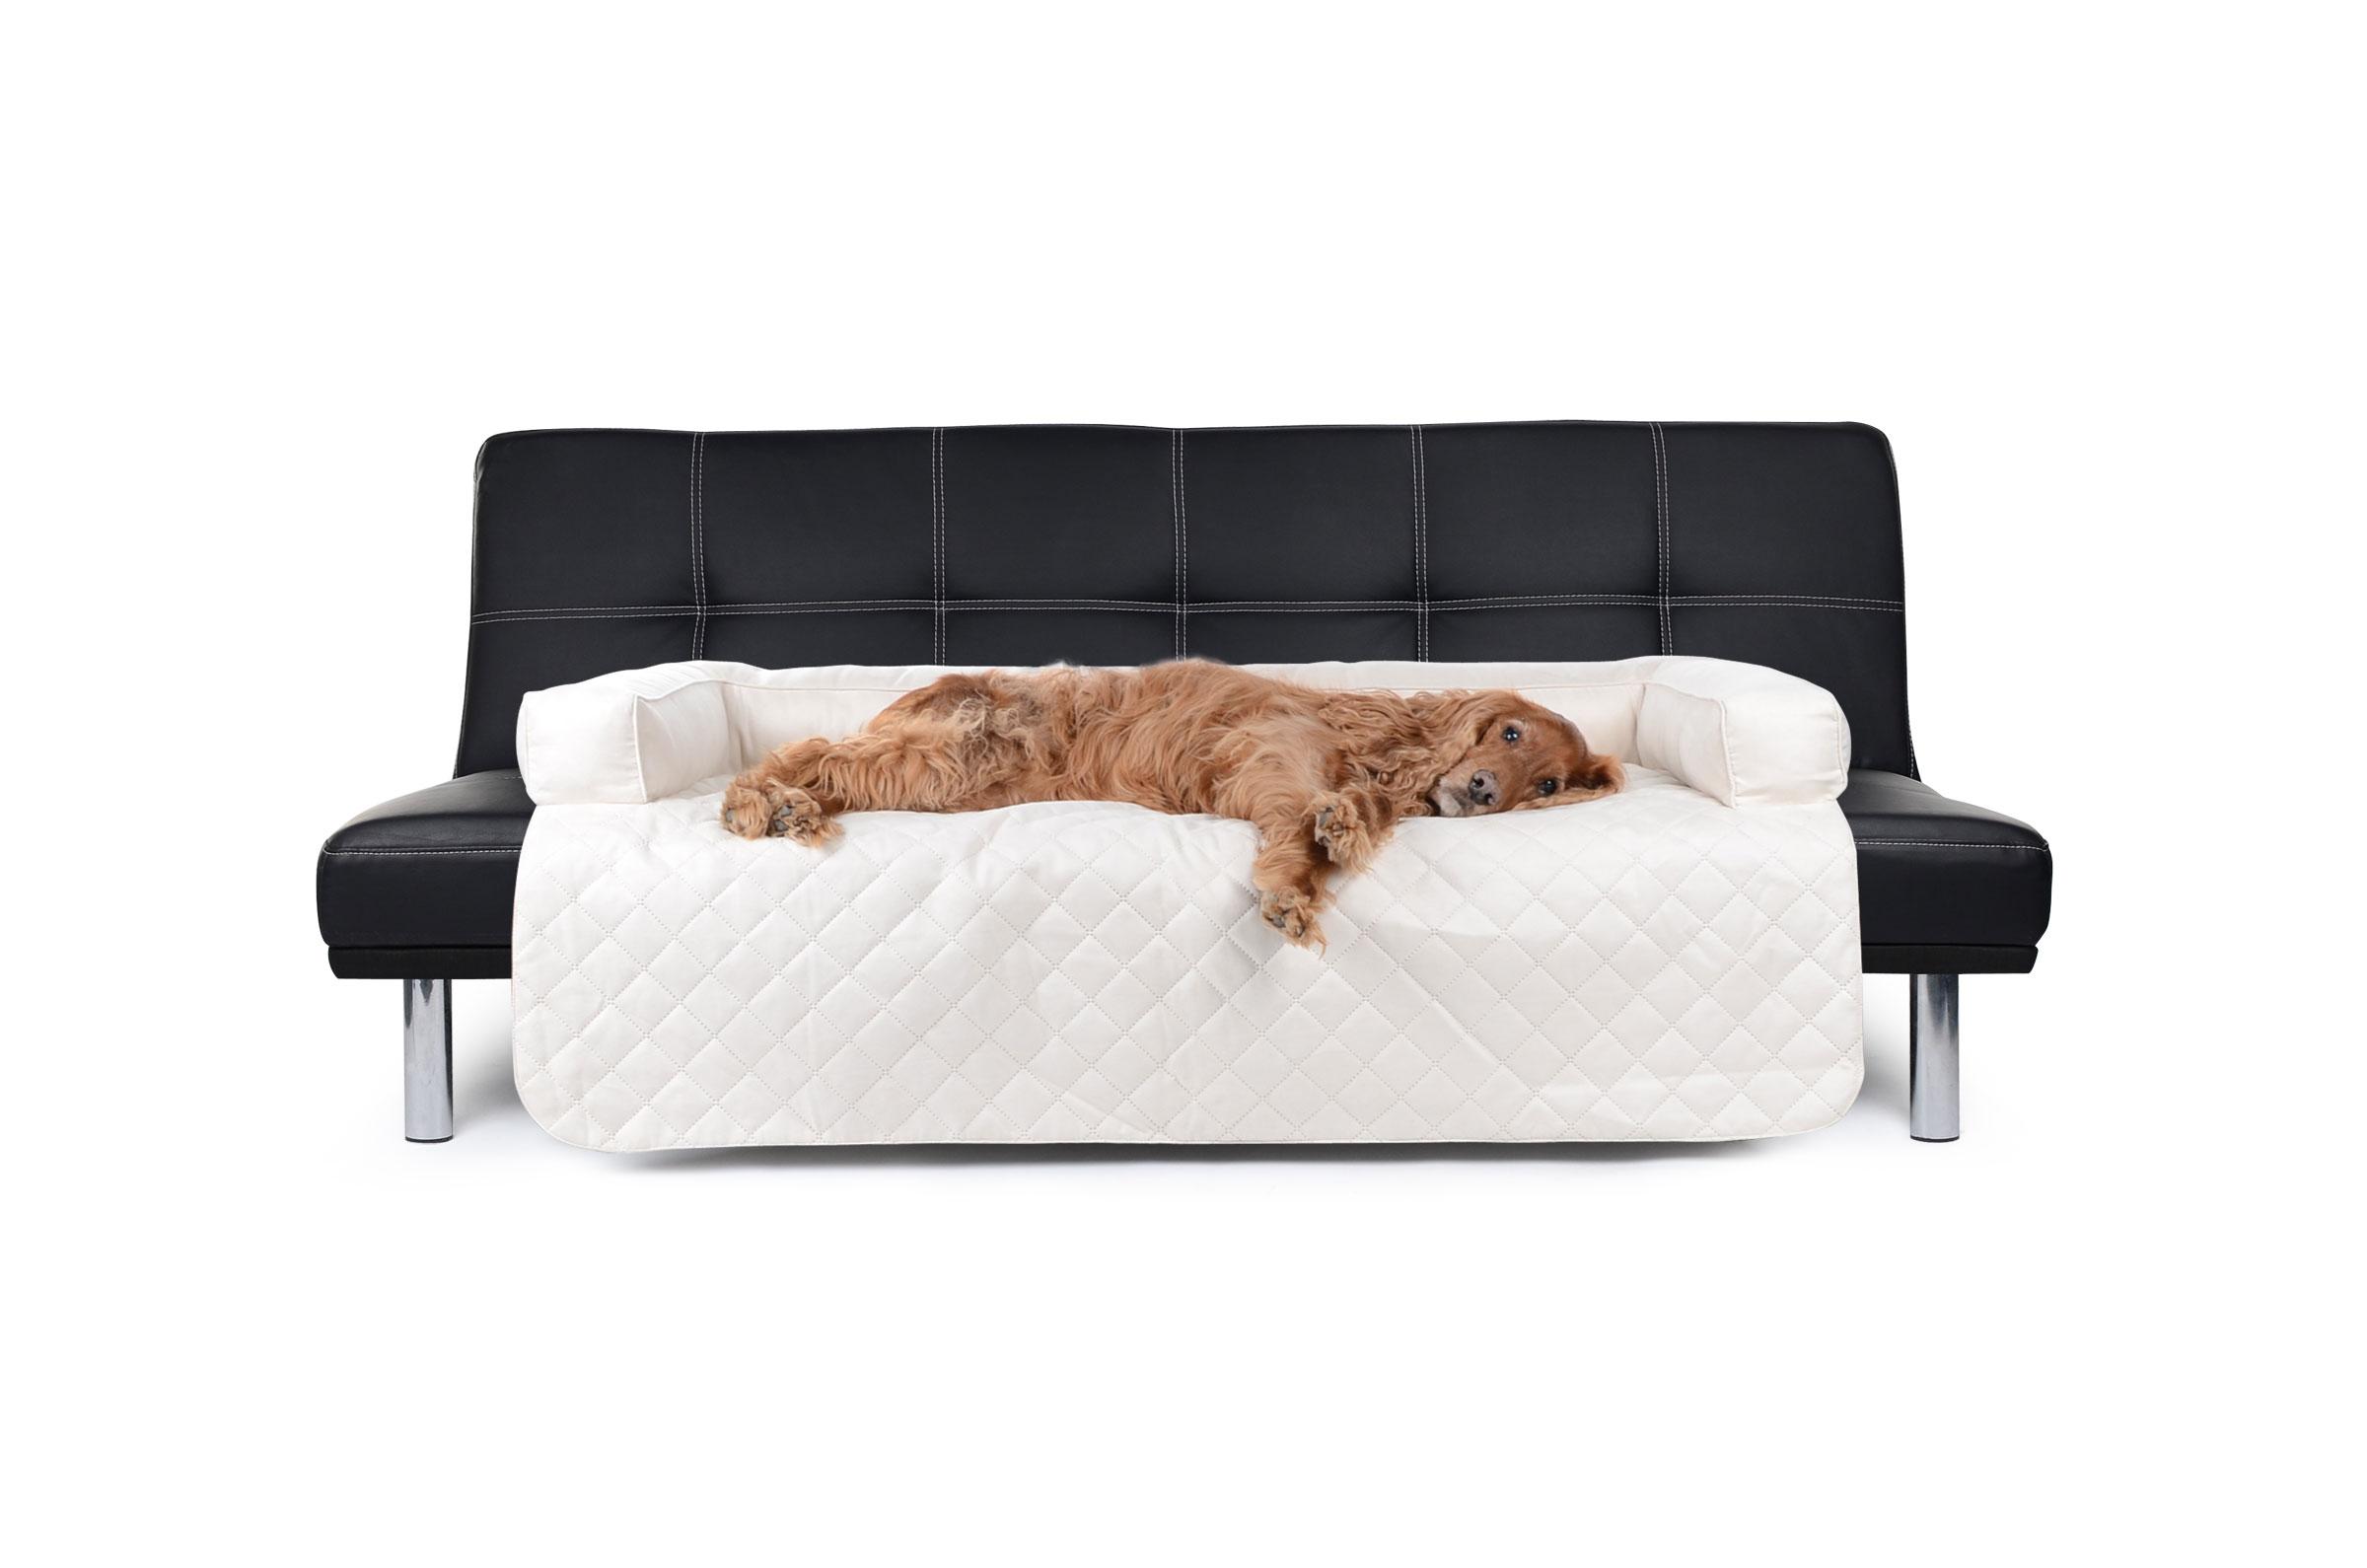 hunde sofaschutz decke. Black Bedroom Furniture Sets. Home Design Ideas